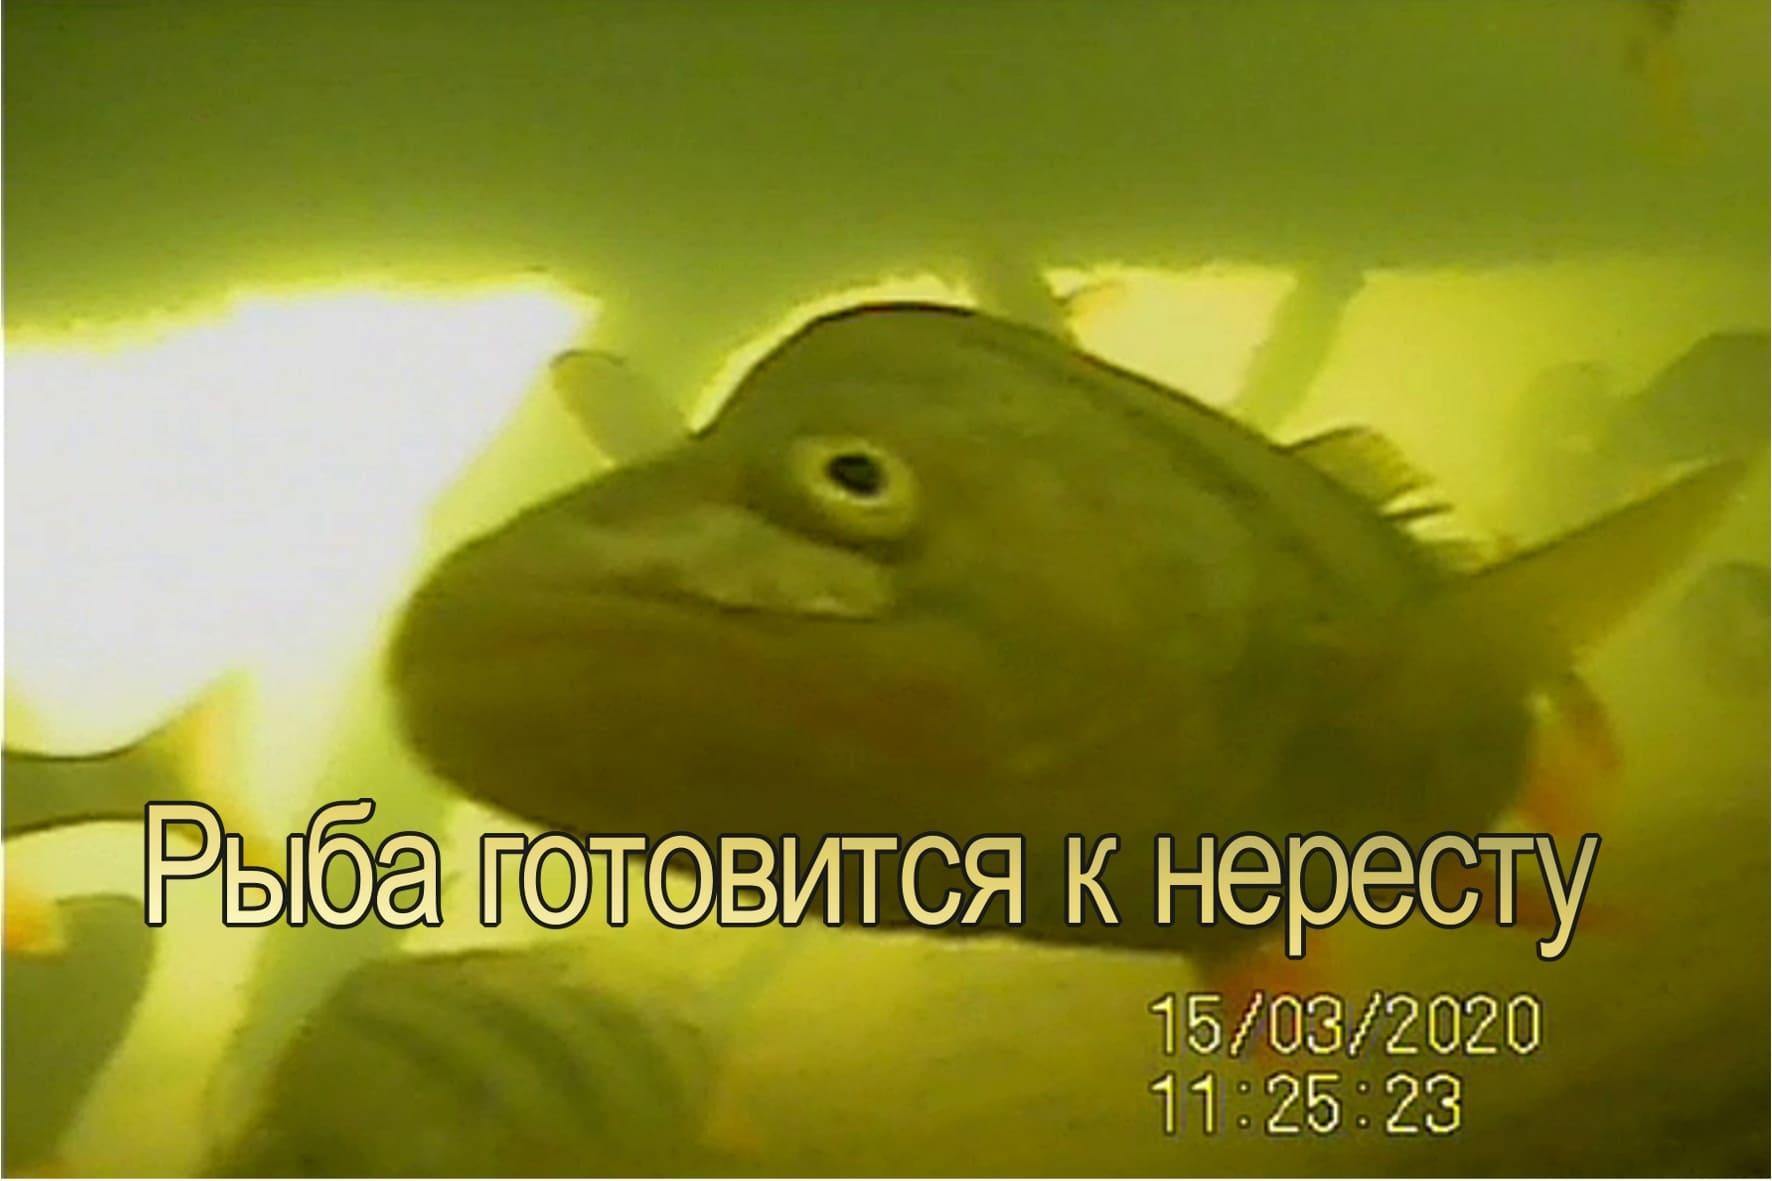 Рыба готовится к нересту.